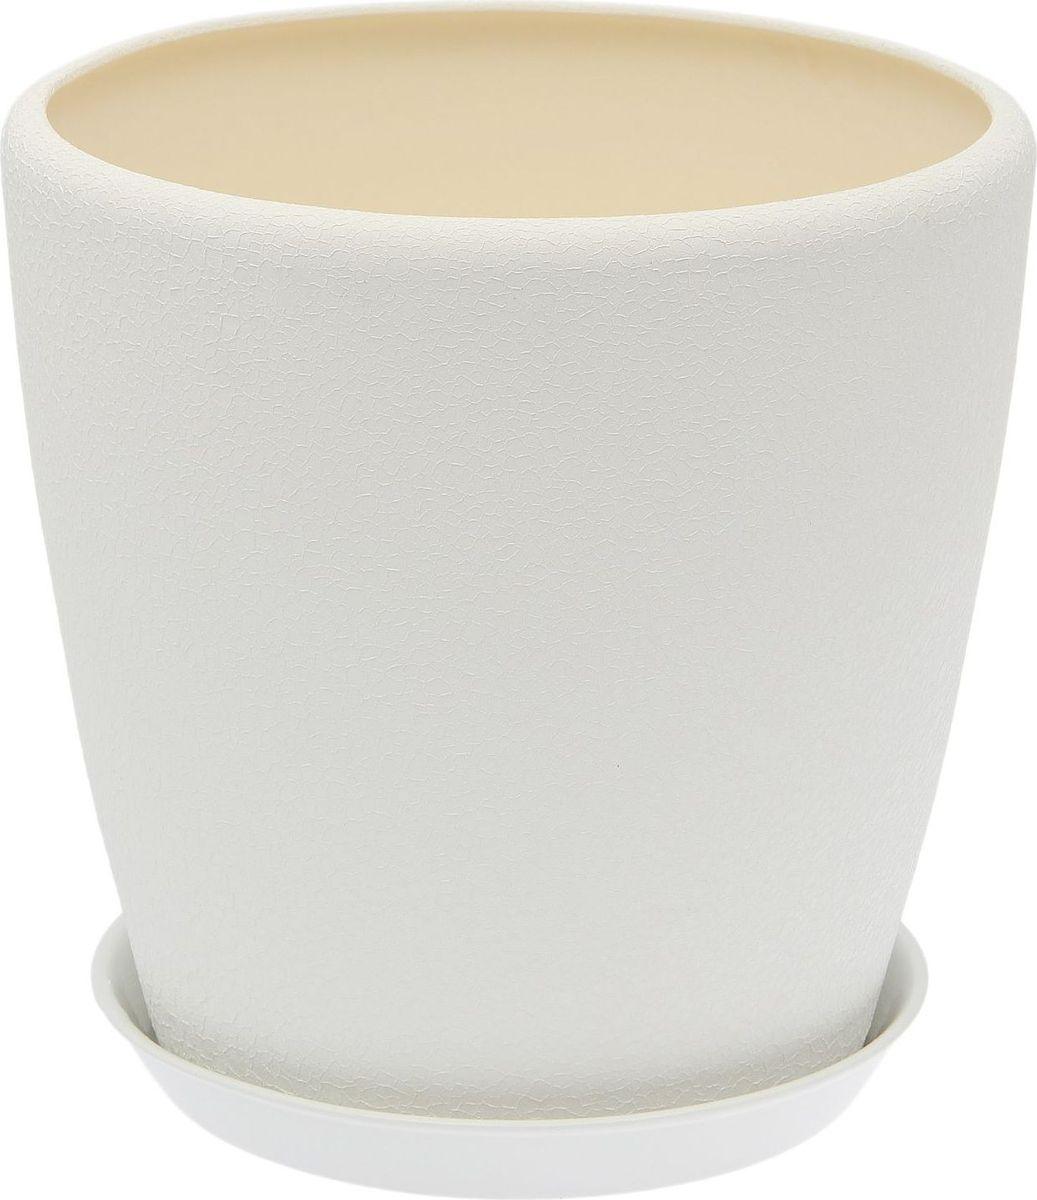 Горшок для цветов Керамика ручной работы  Грация , цвет: белый, 20 л -  Садовый декор